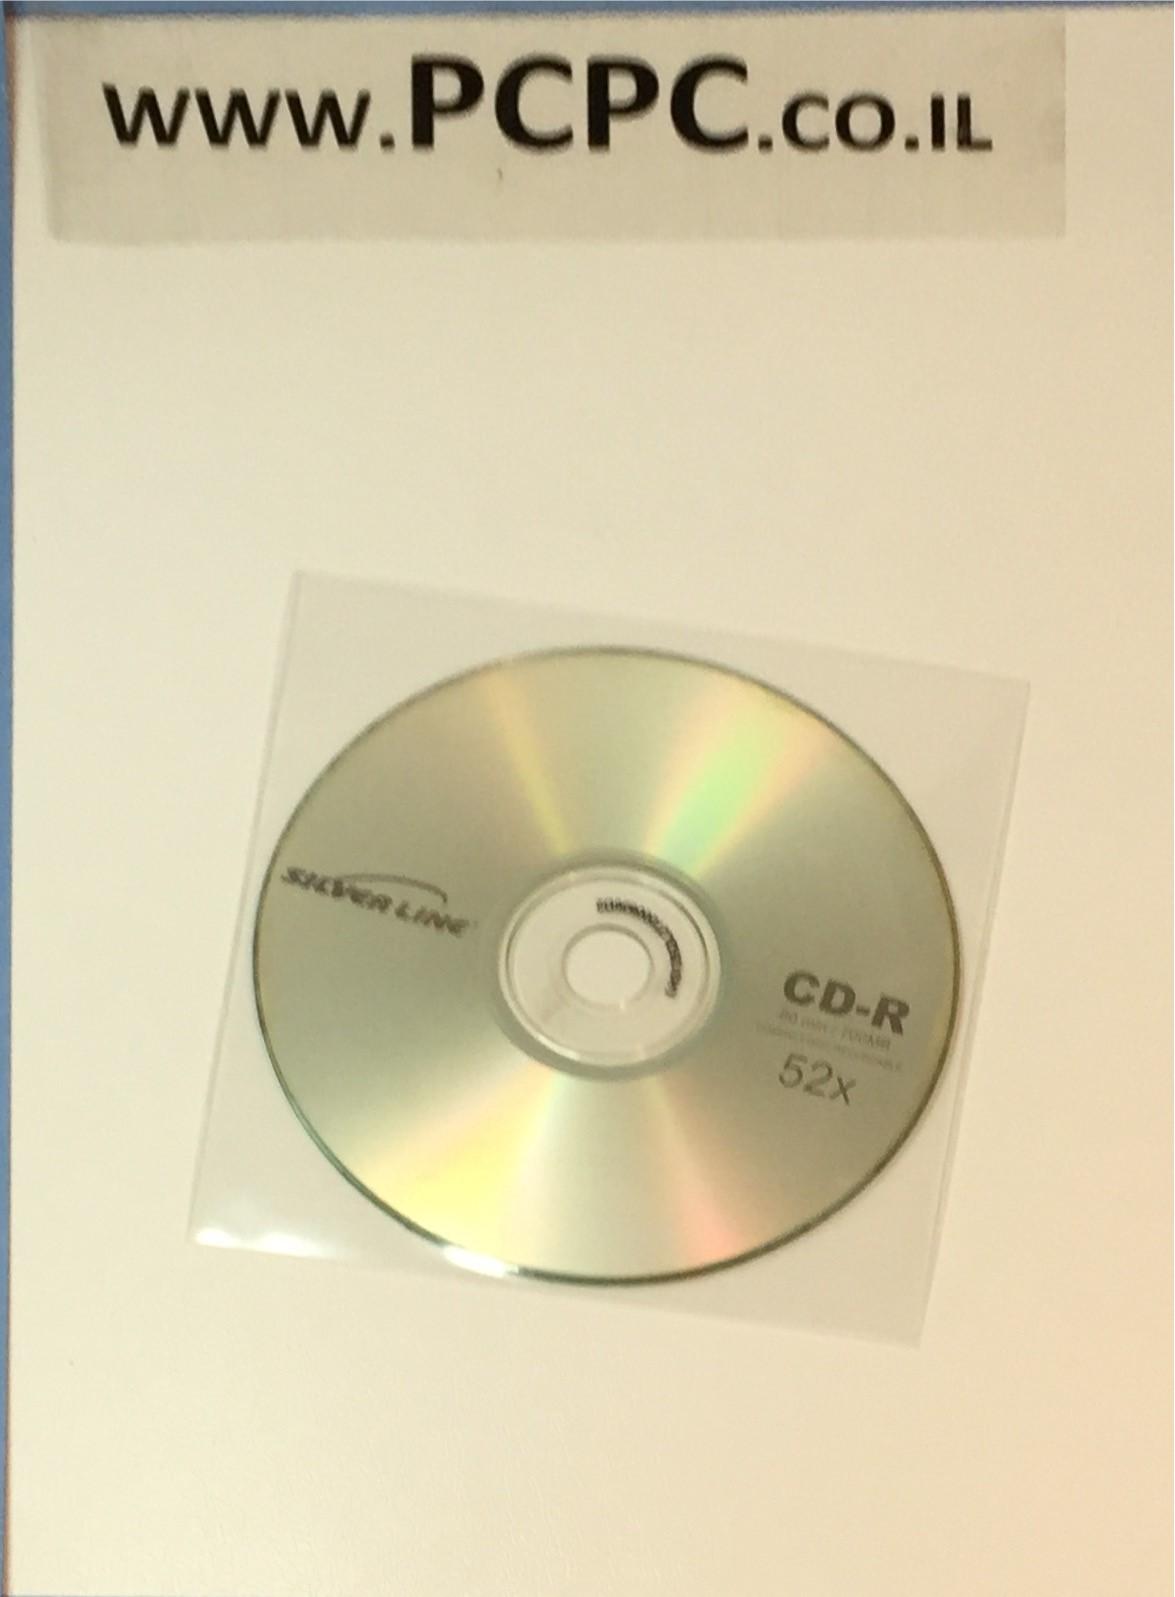 שקית   שקופה לדיסק  12.5x12.5  ללא דבק 100 יחידות